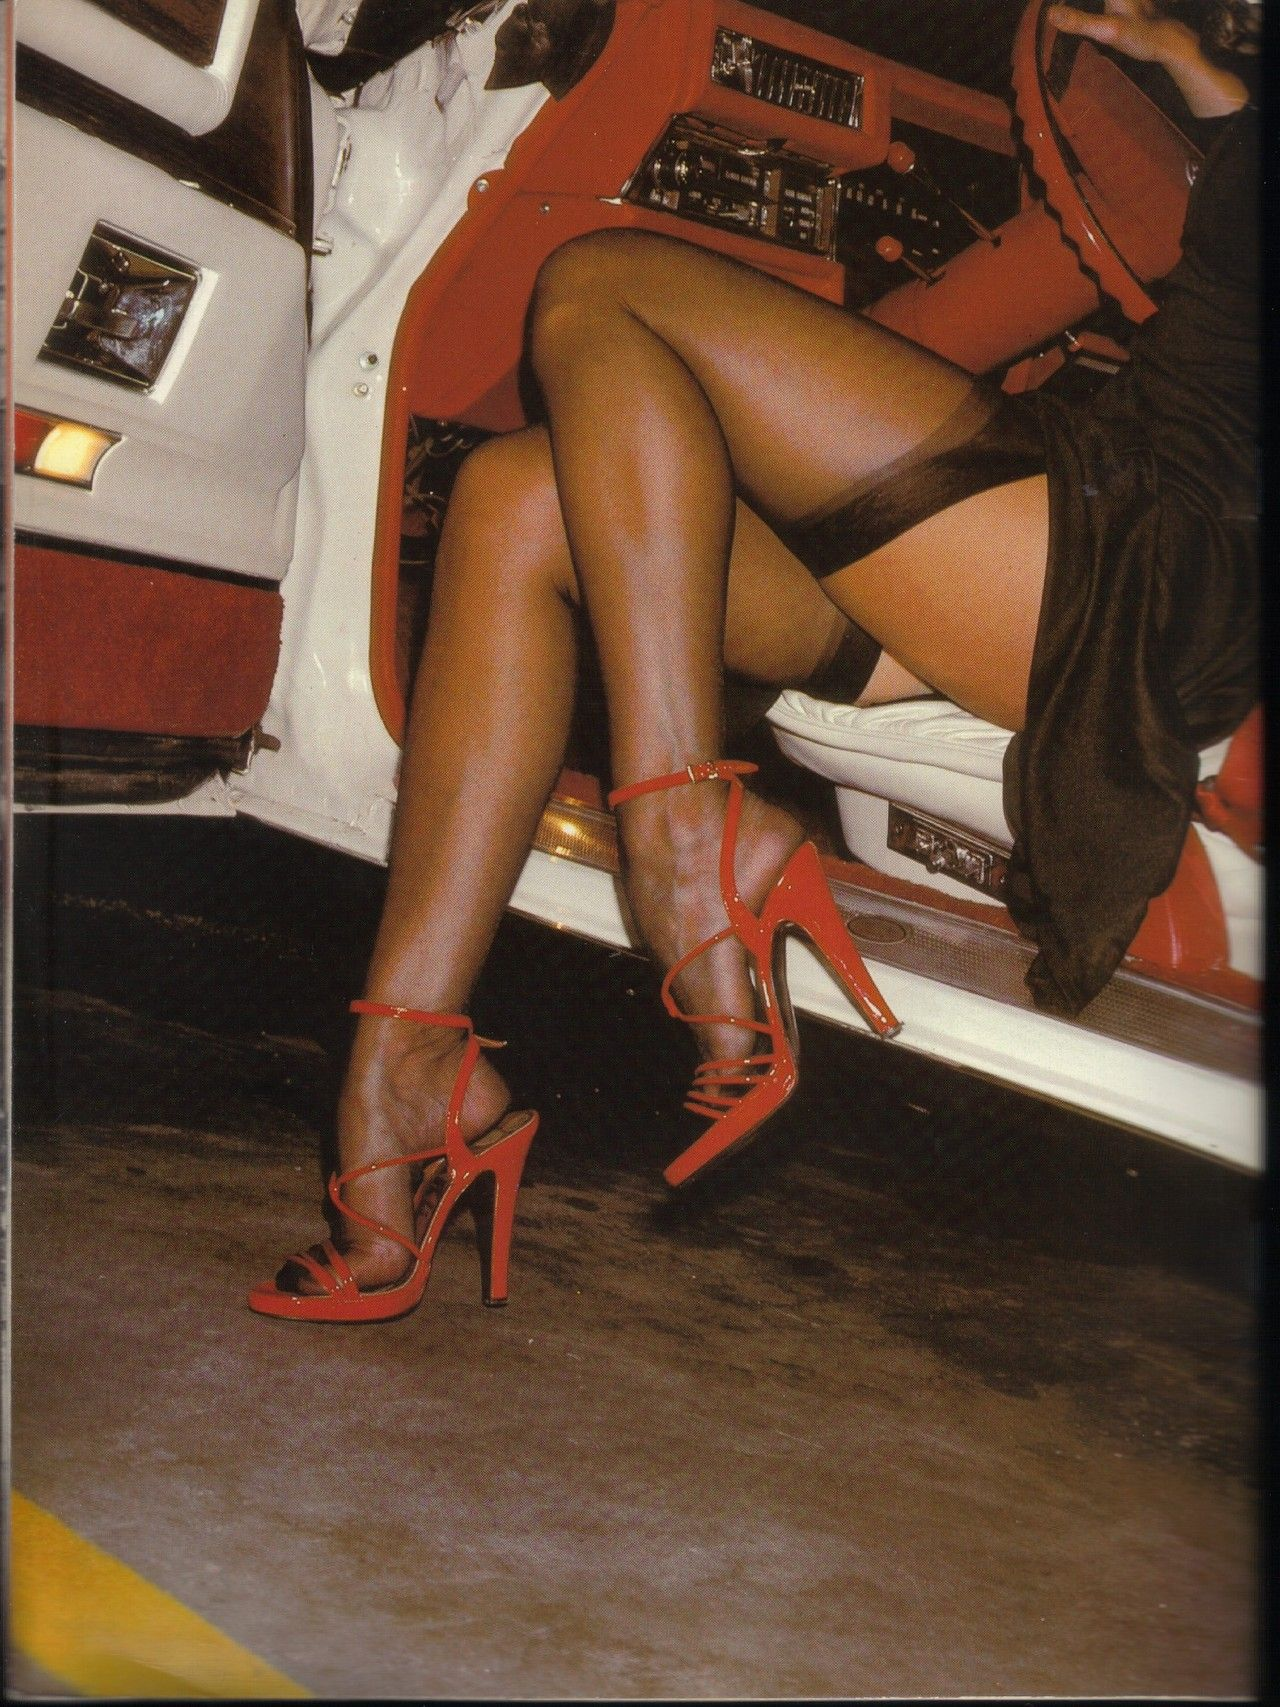 Vintage stockings high heels